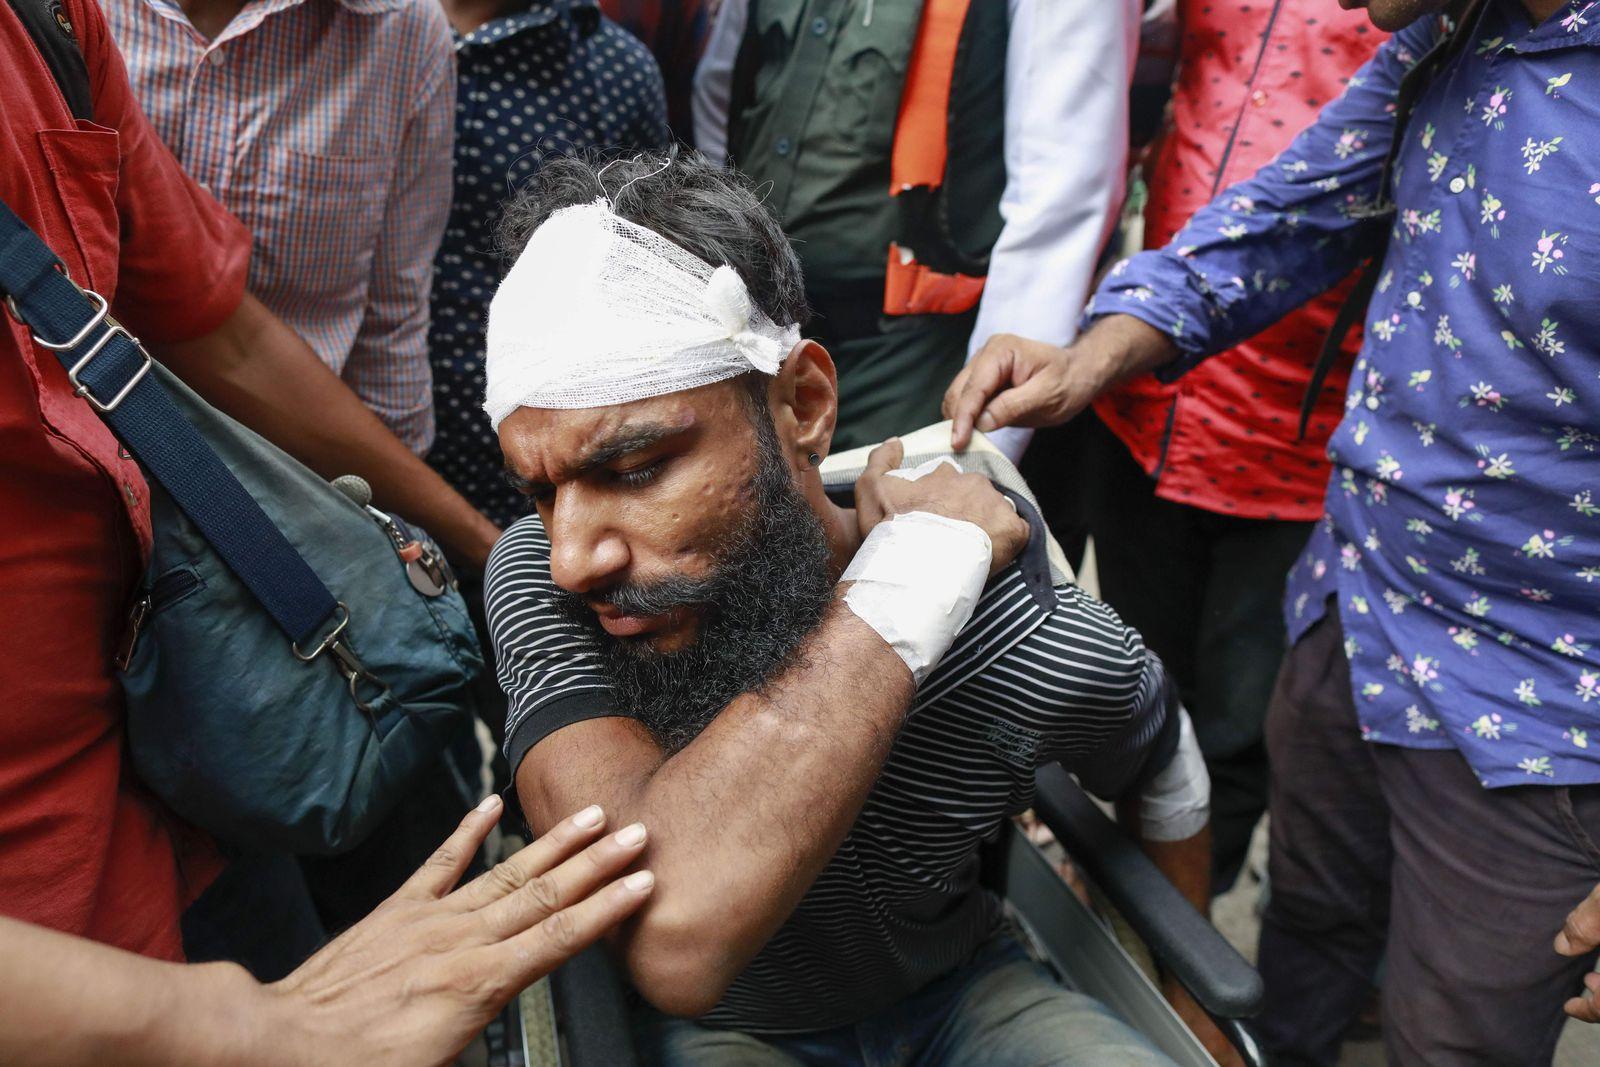 Bangladesch/ Proteste/ Verkehrssicherheit